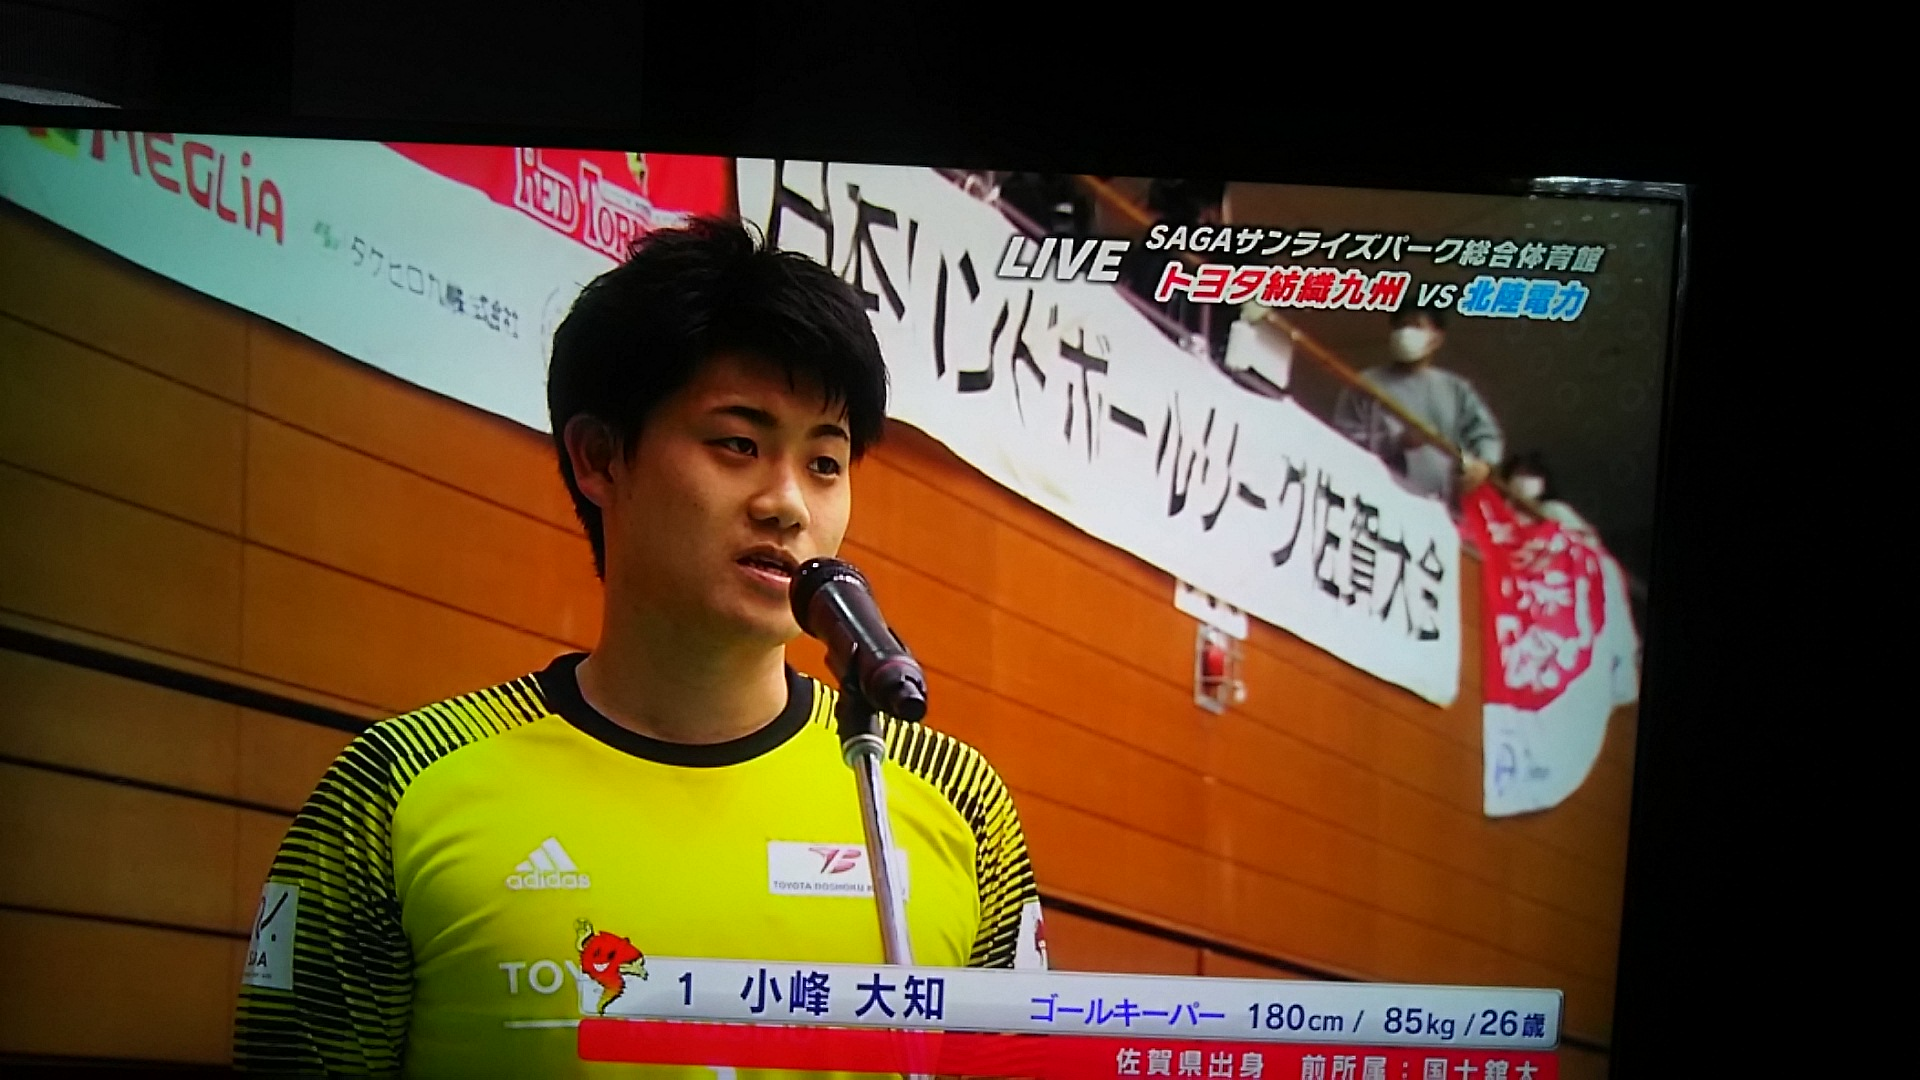 【日本リーグ】勝利でシーズン締めくくり。通算9勝2分9敗、6位。小峰選手が7mスロー阻止率賞(2月28日)